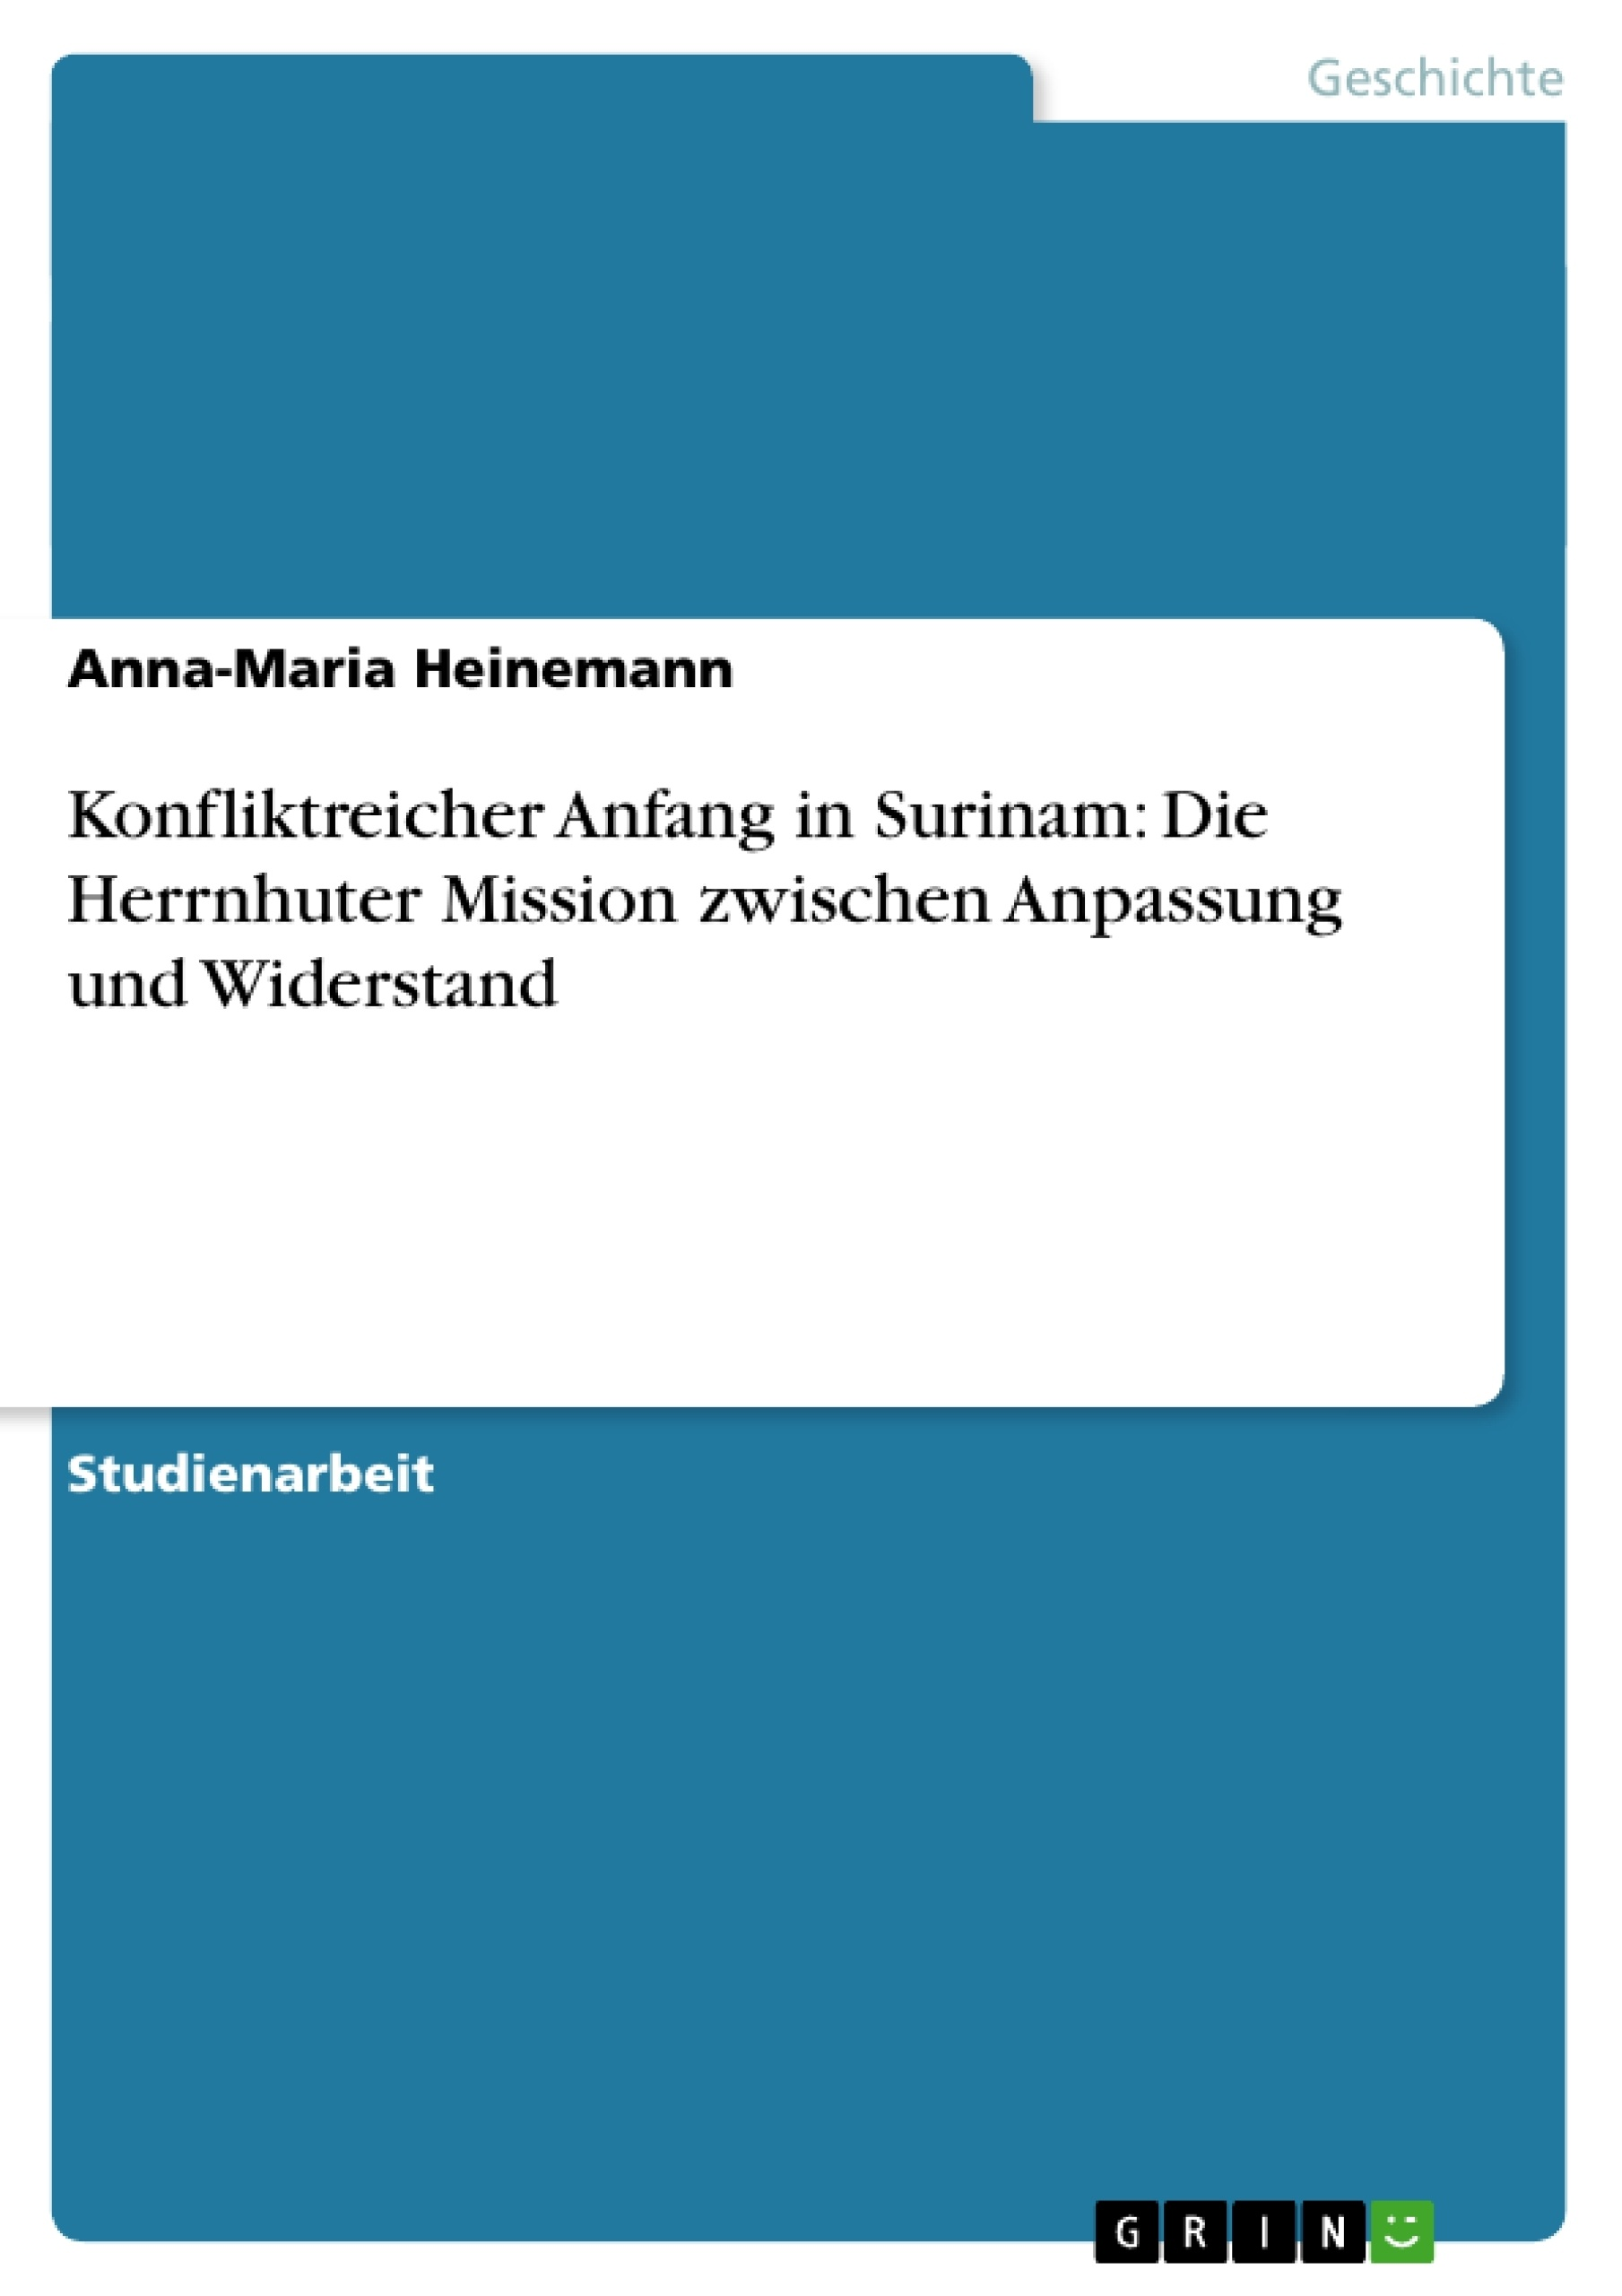 Titel: Konfliktreicher Anfang in Surinam: Die Herrnhuter Mission zwischen Anpassung und Widerstand